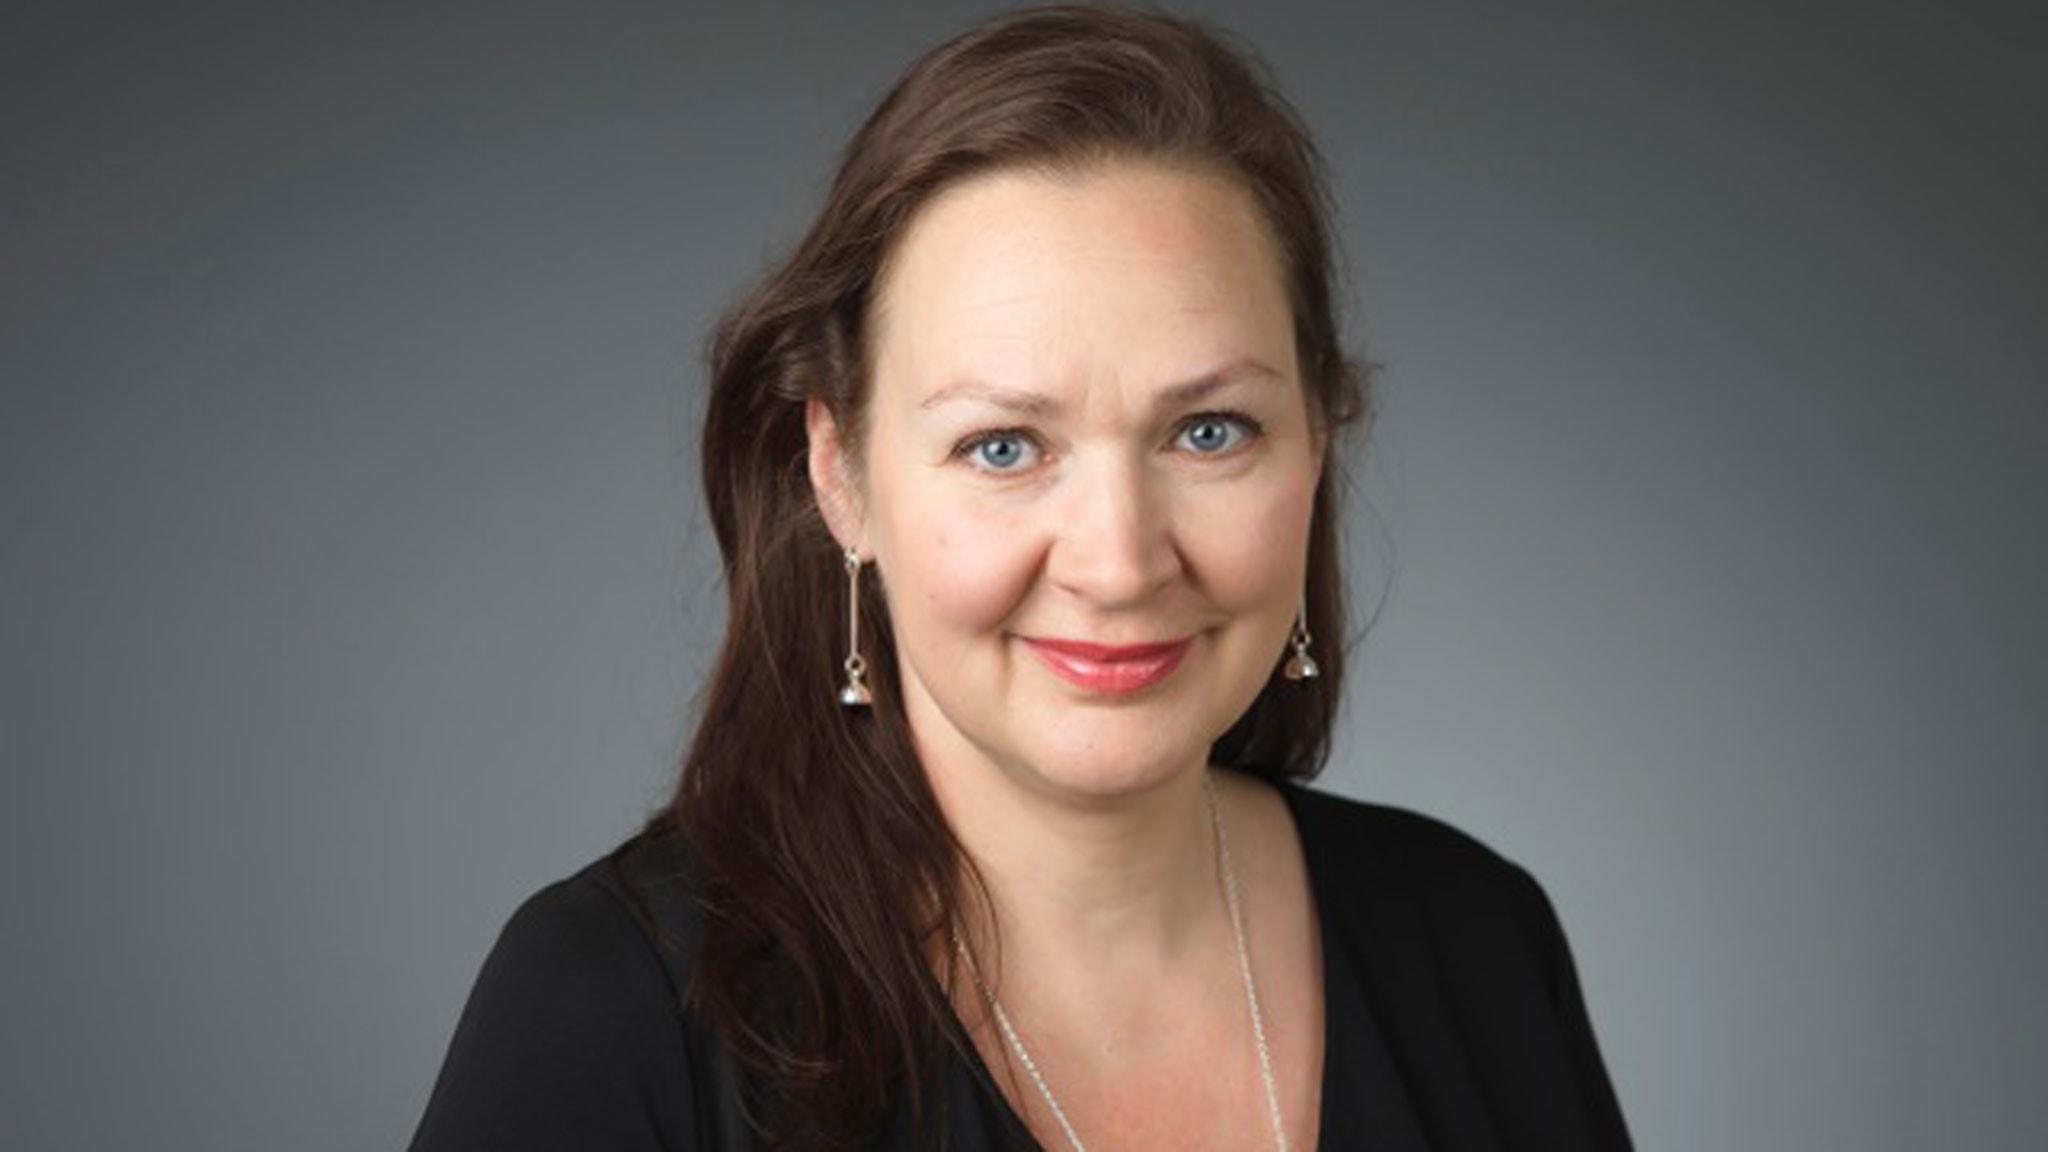 Annelie Bränström-Öhman - mina och andras trädgårdsprojekt